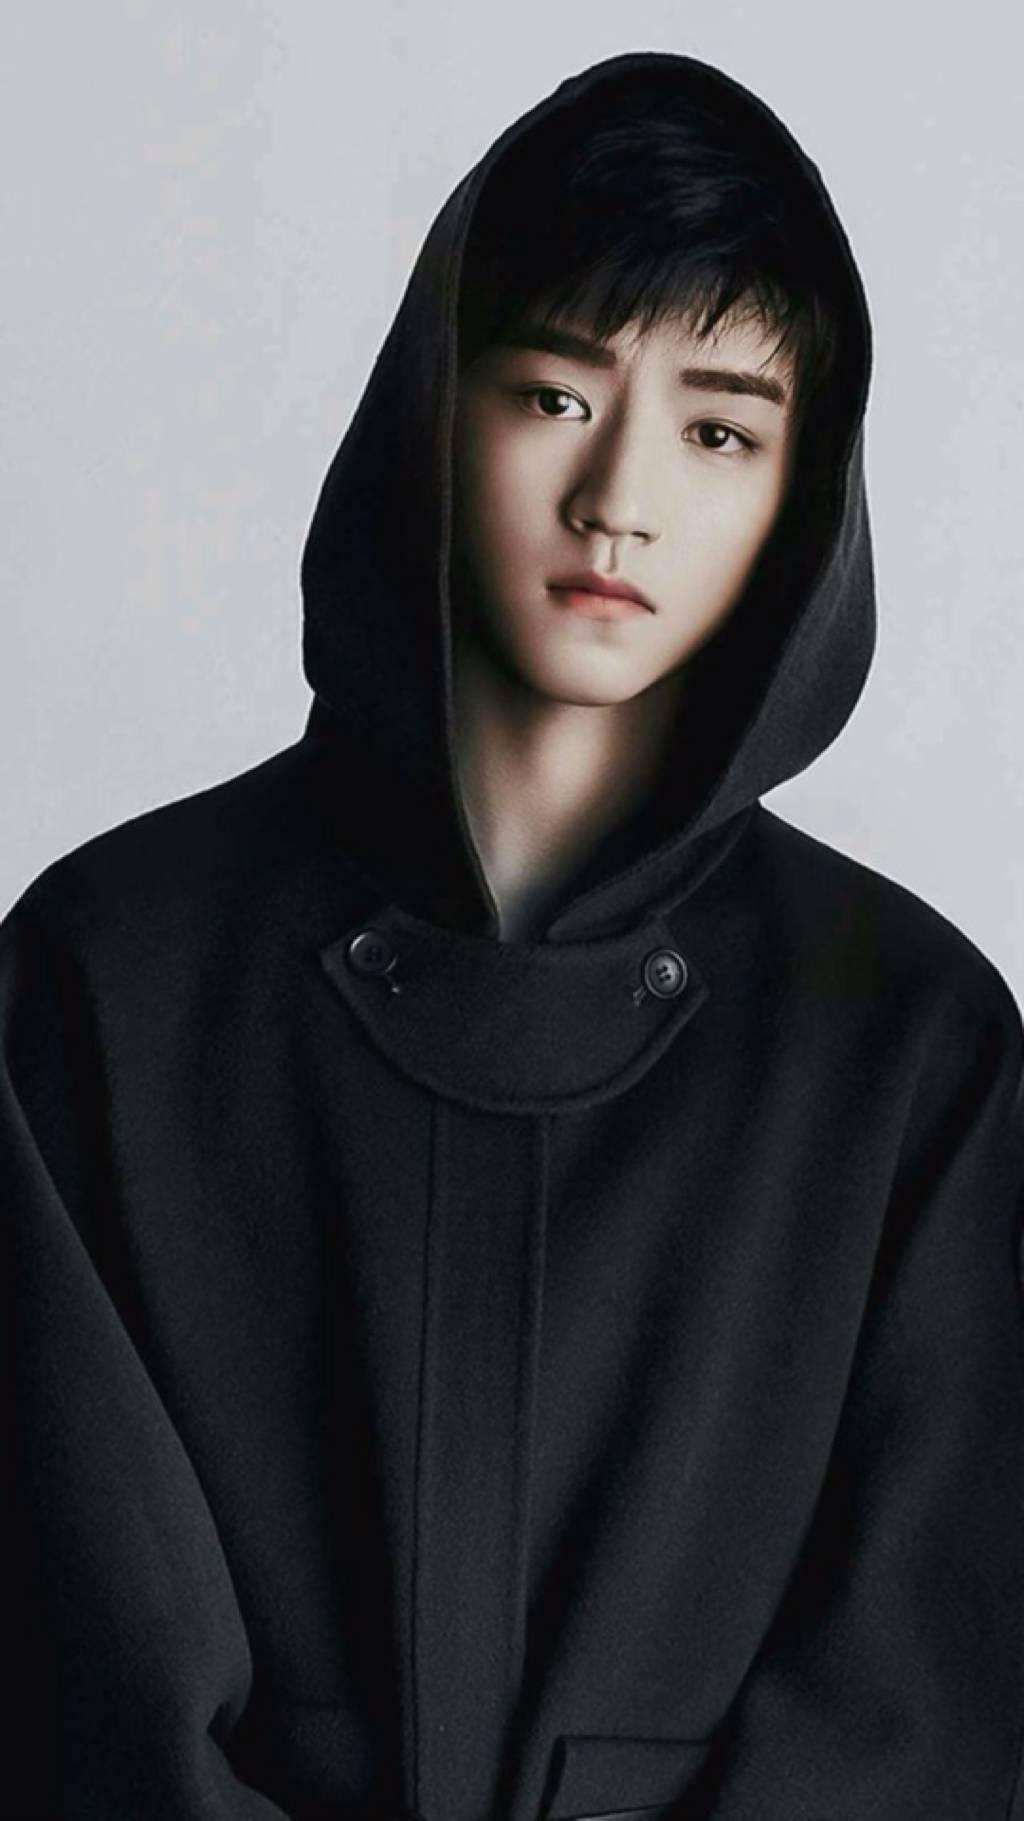 图片中的王俊凯穿了一件纯黑色的运动毛衫,纯色的打扮显得他十分干净